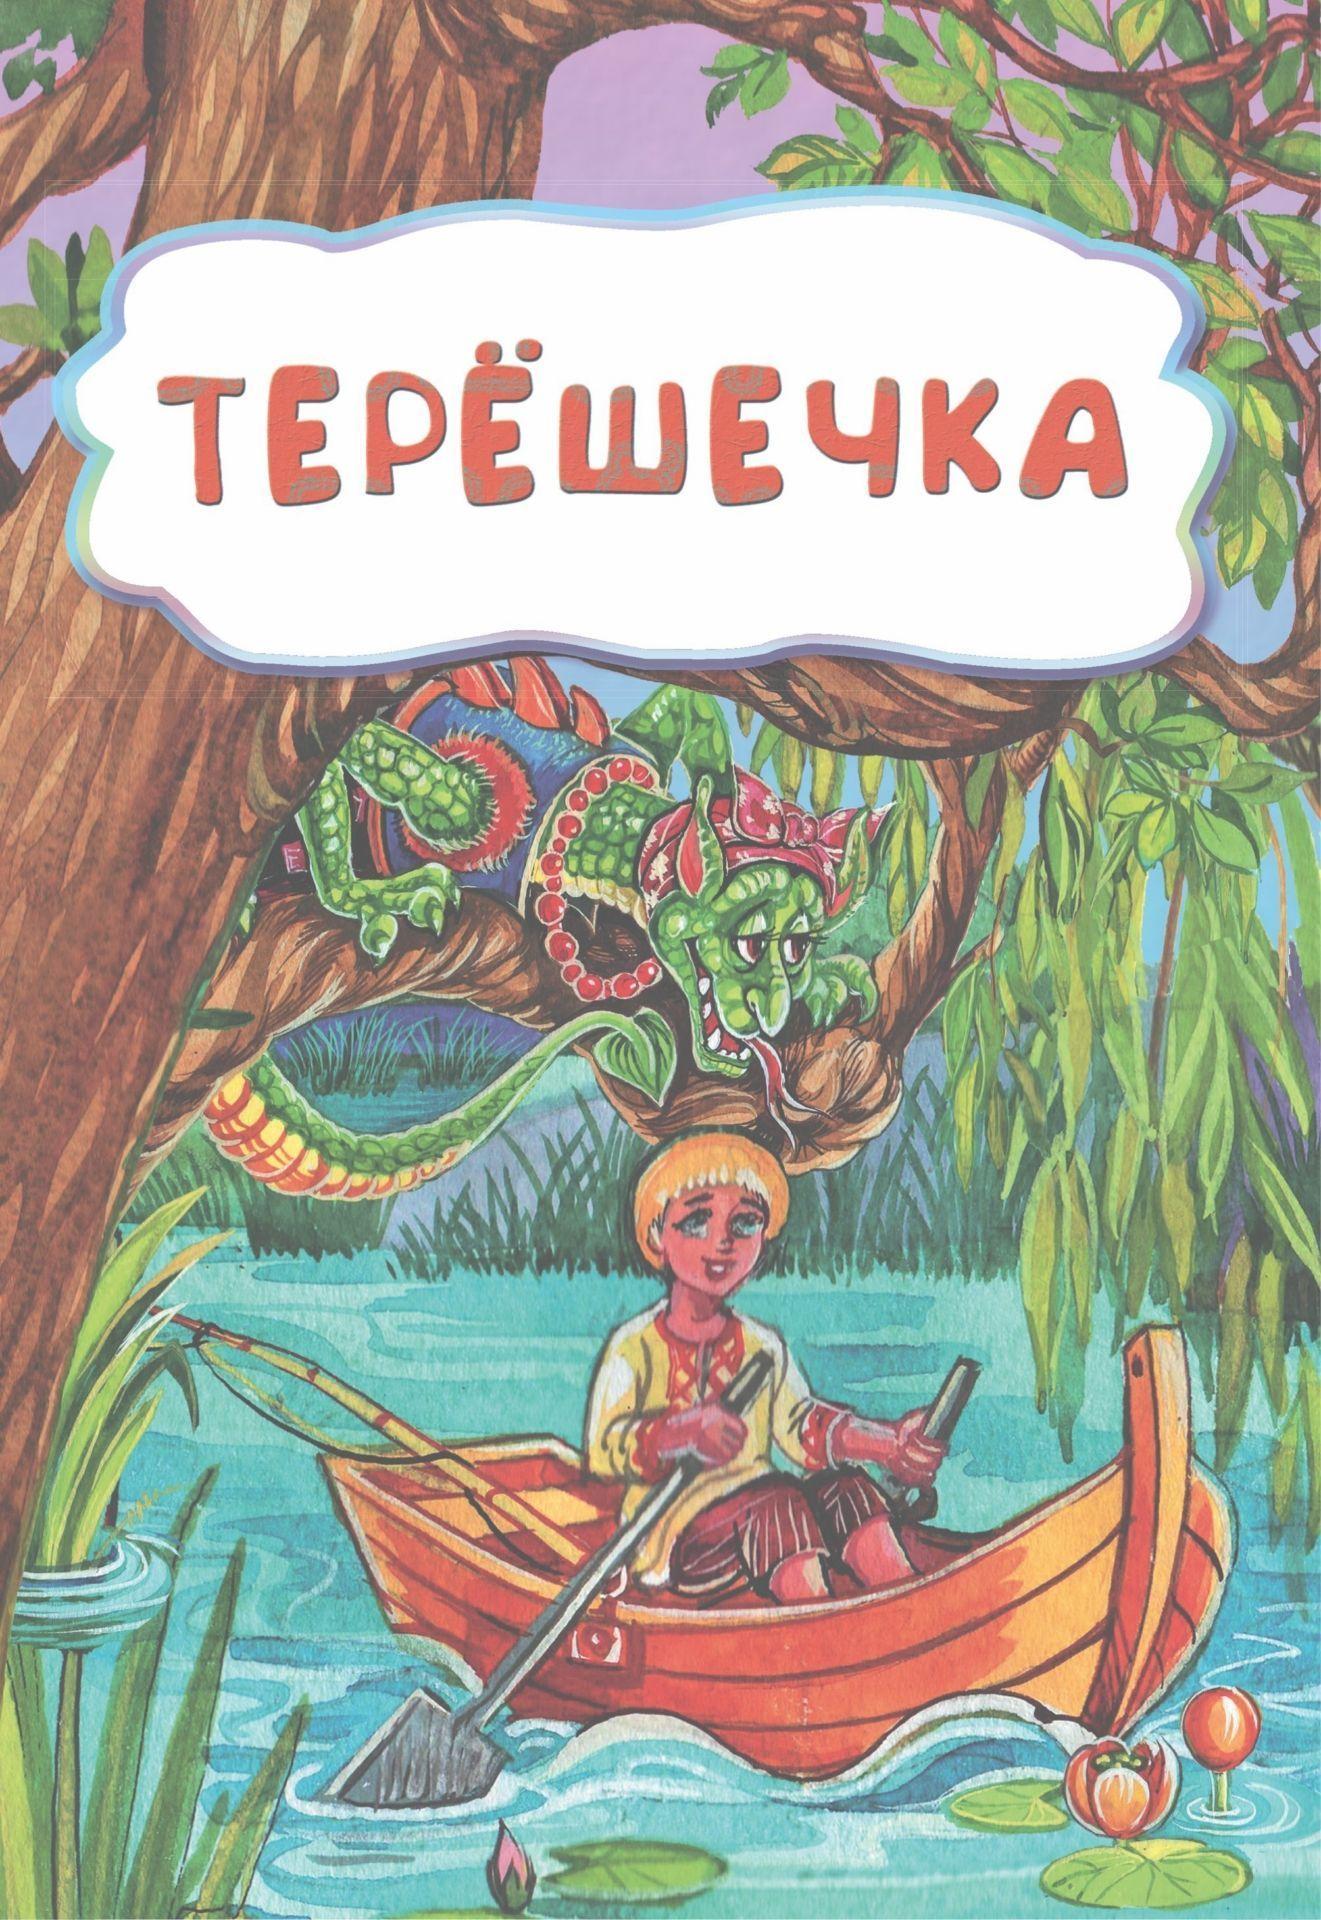 Терёшечка (по мотивам русской сказки): литературно-художественное издание для детей дошкольного возраста